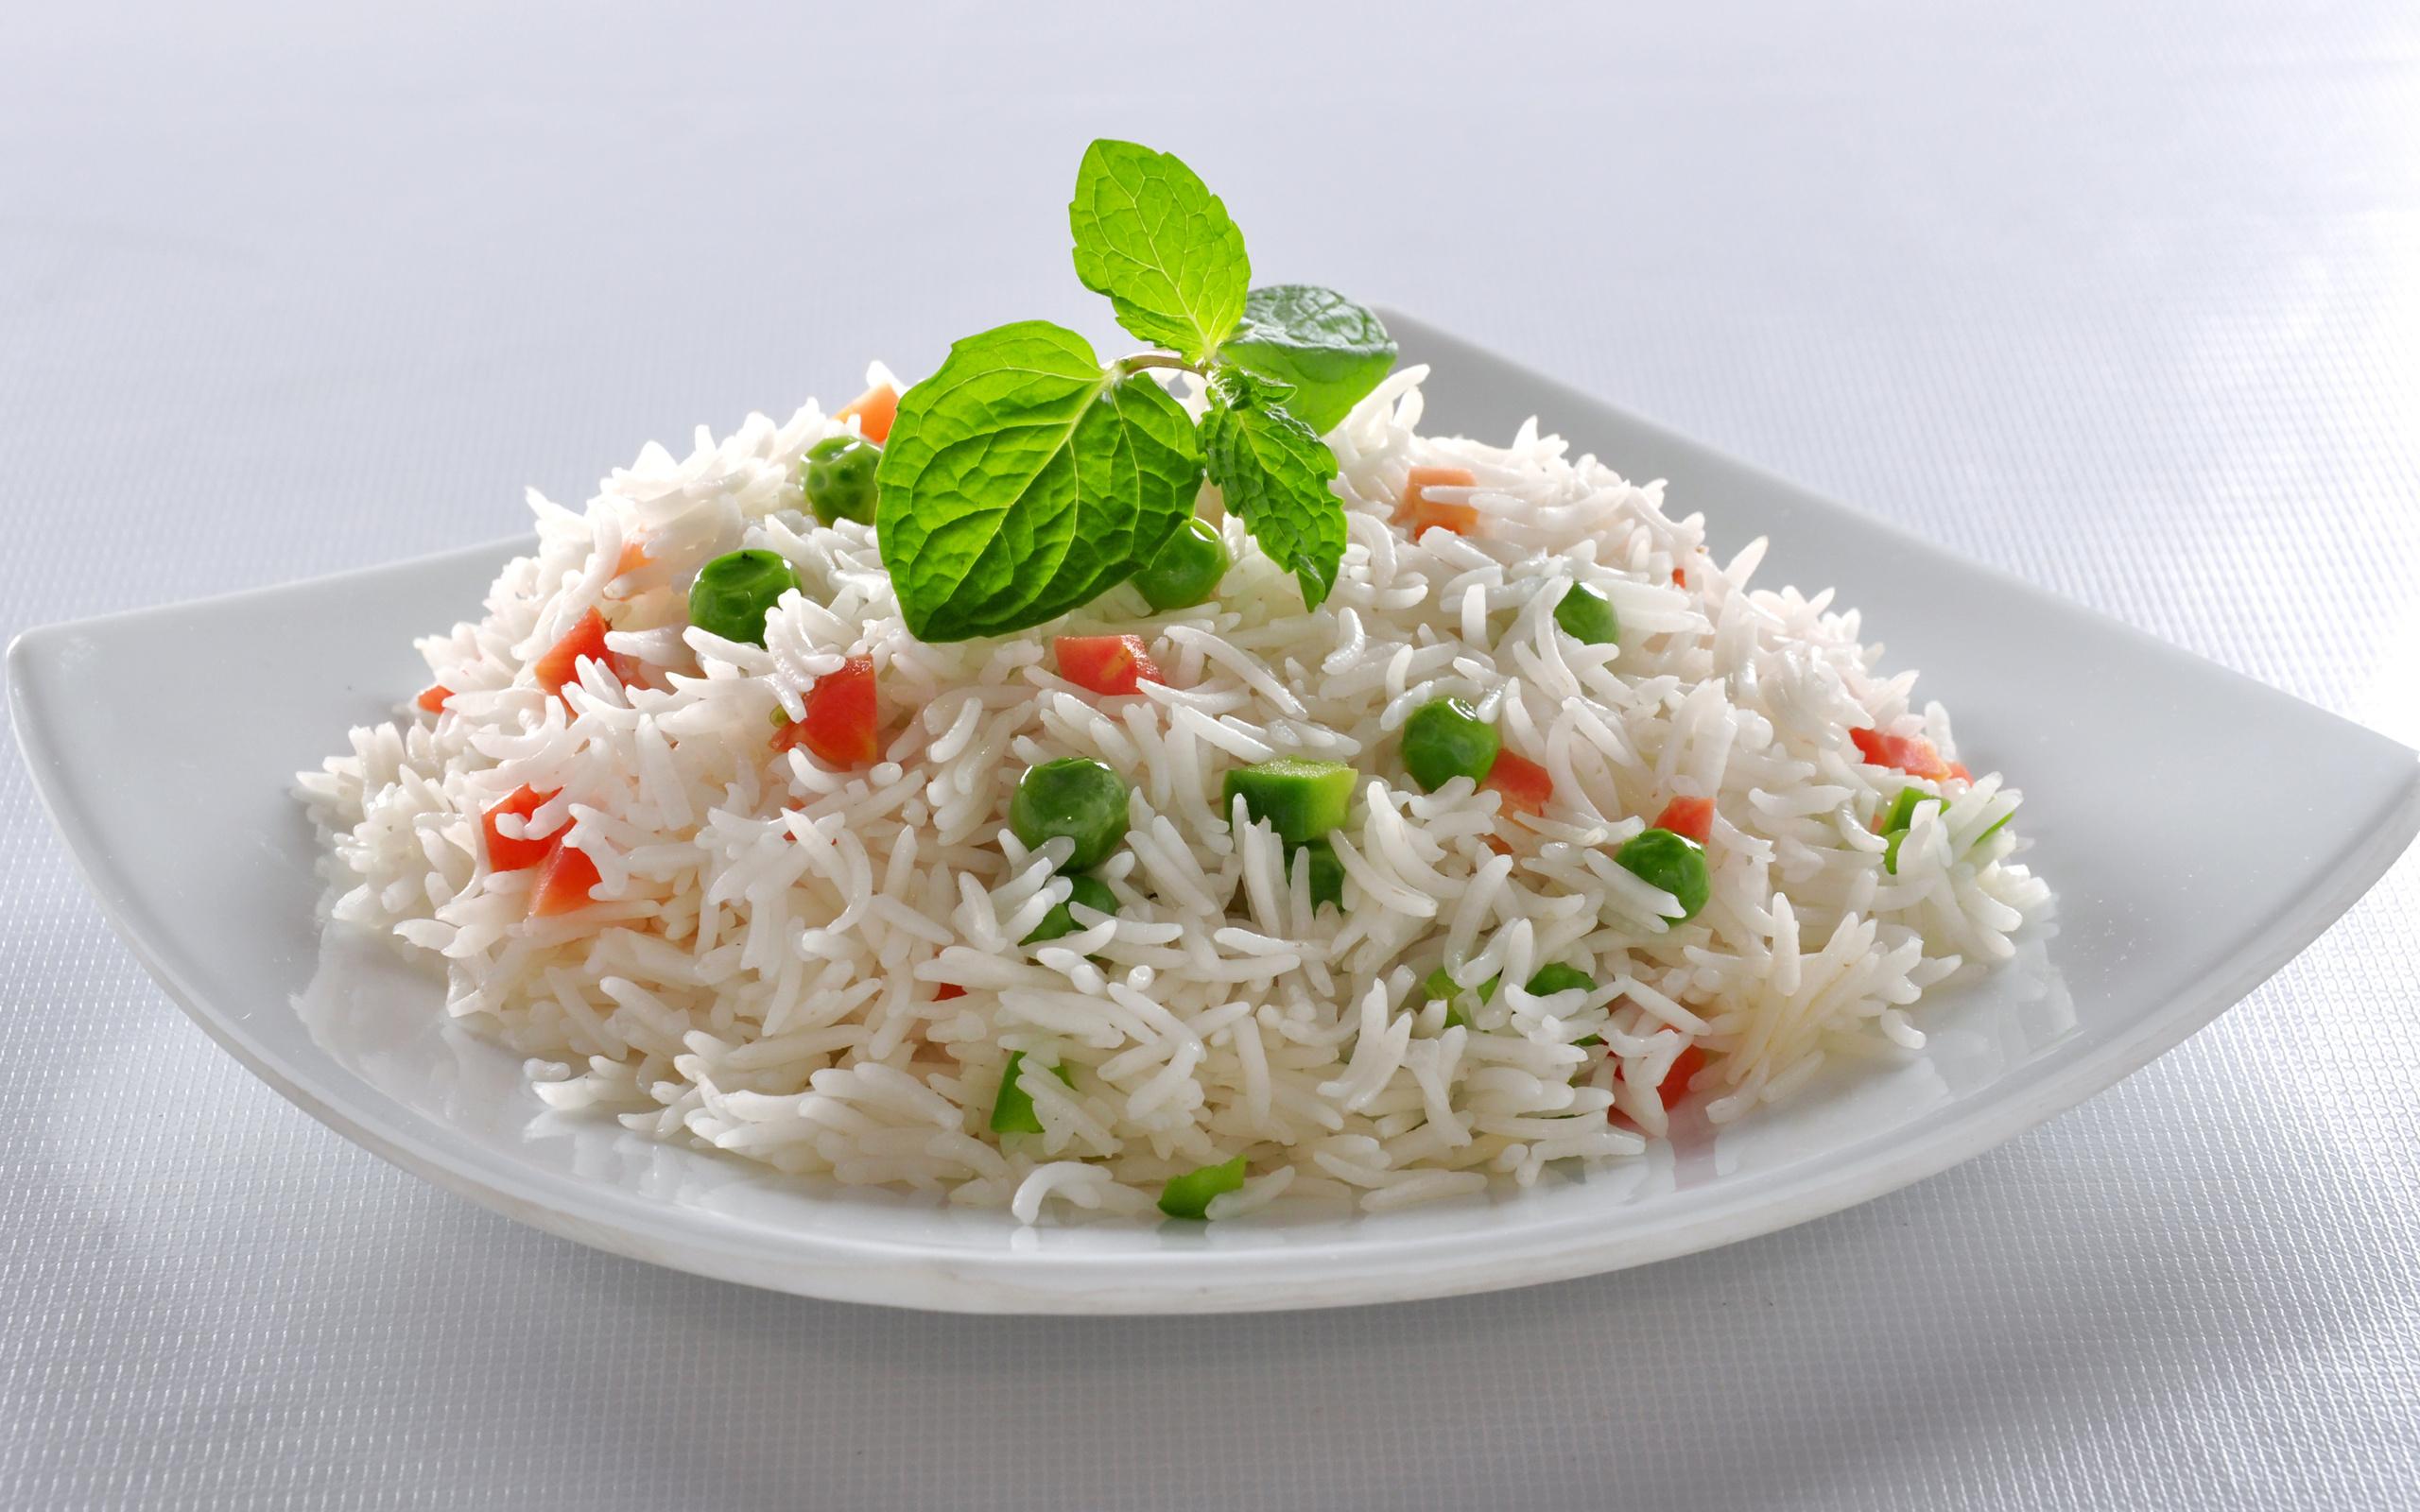 14 نکته مهم در خرید برنج شمال